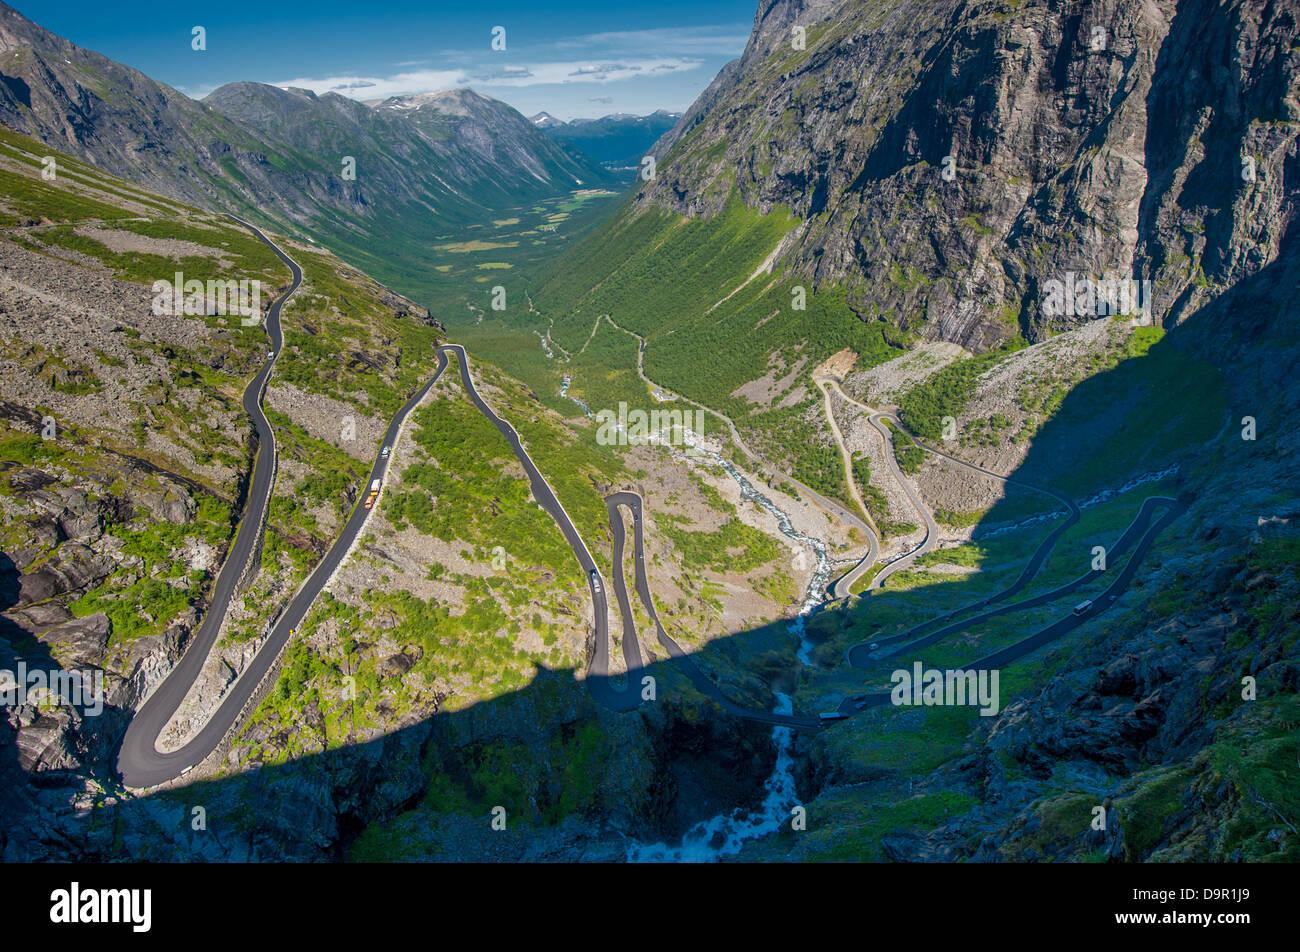 Trollstigen, Troll's Footpath, serpentine mountain road in Norway - Stock Image